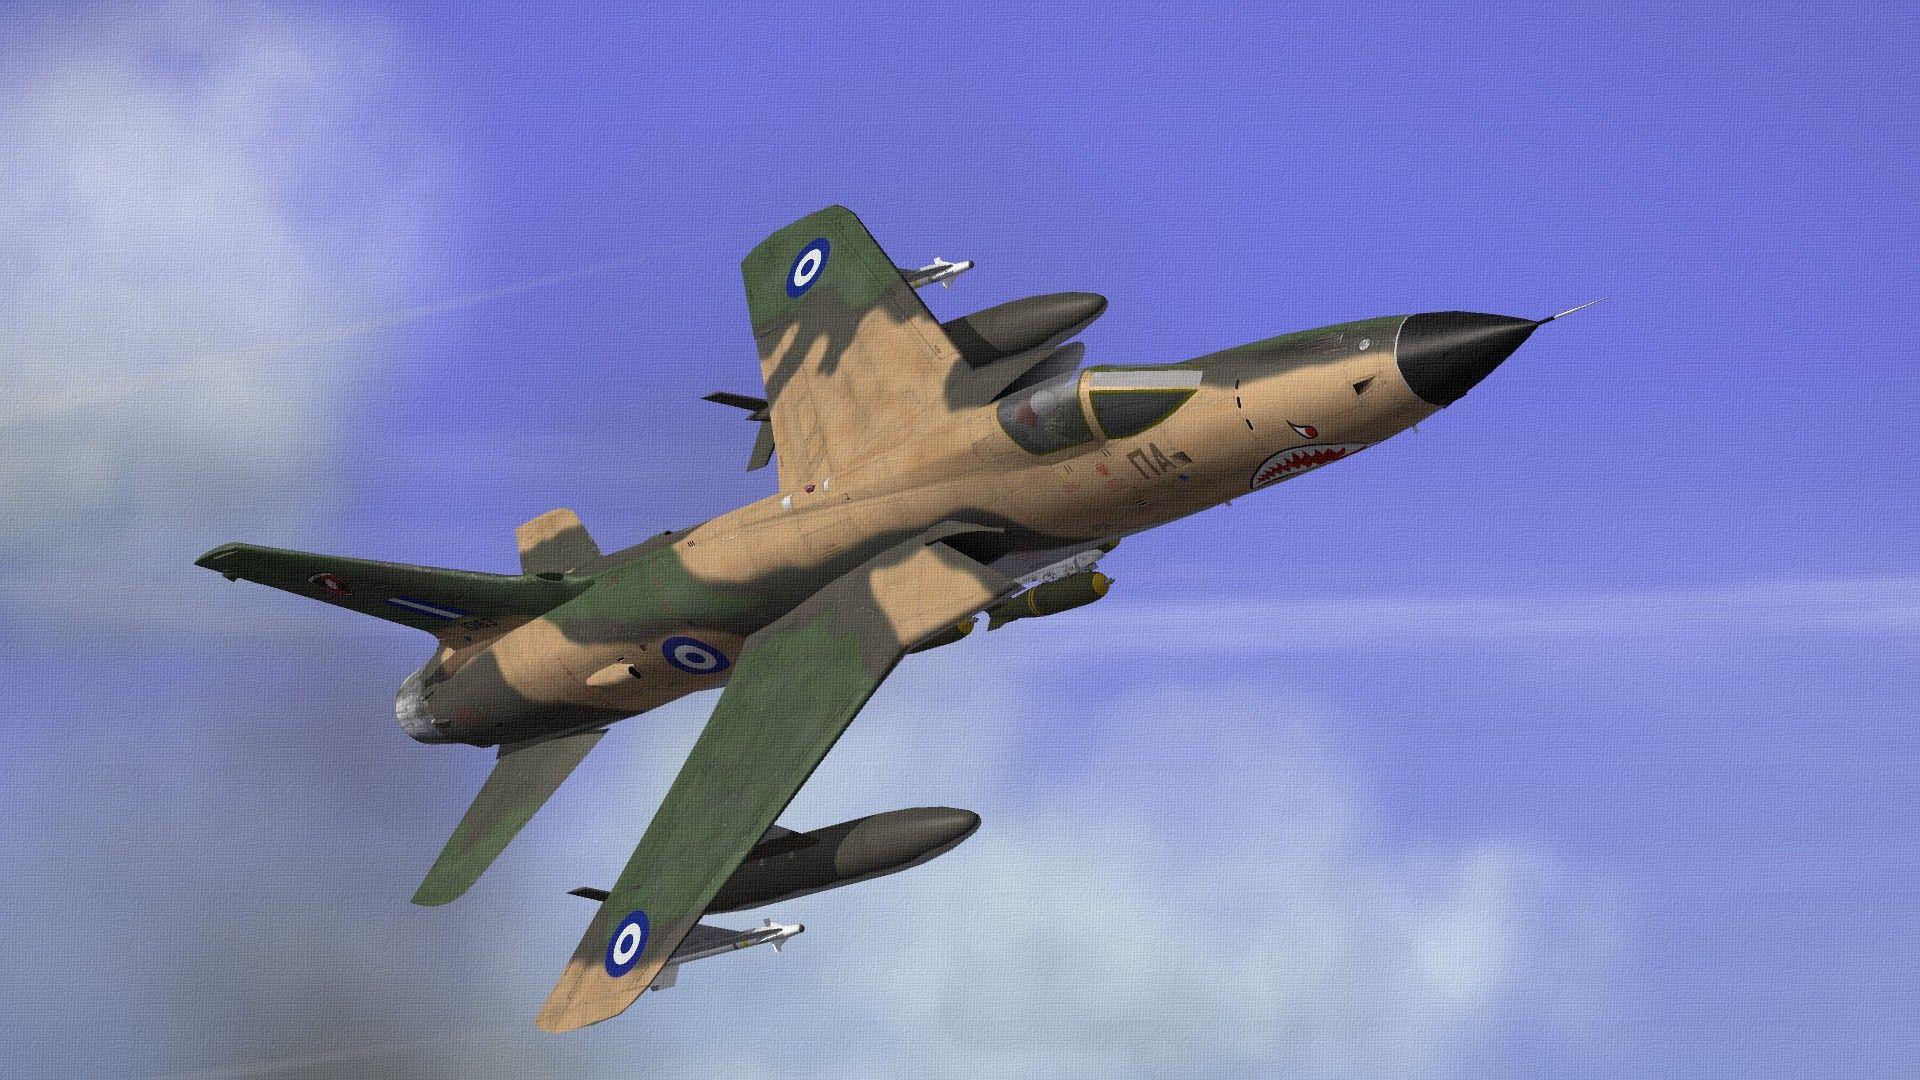 HAFF-105HTHUNDERCHIEF05_zpsd12e5d3e.jpg